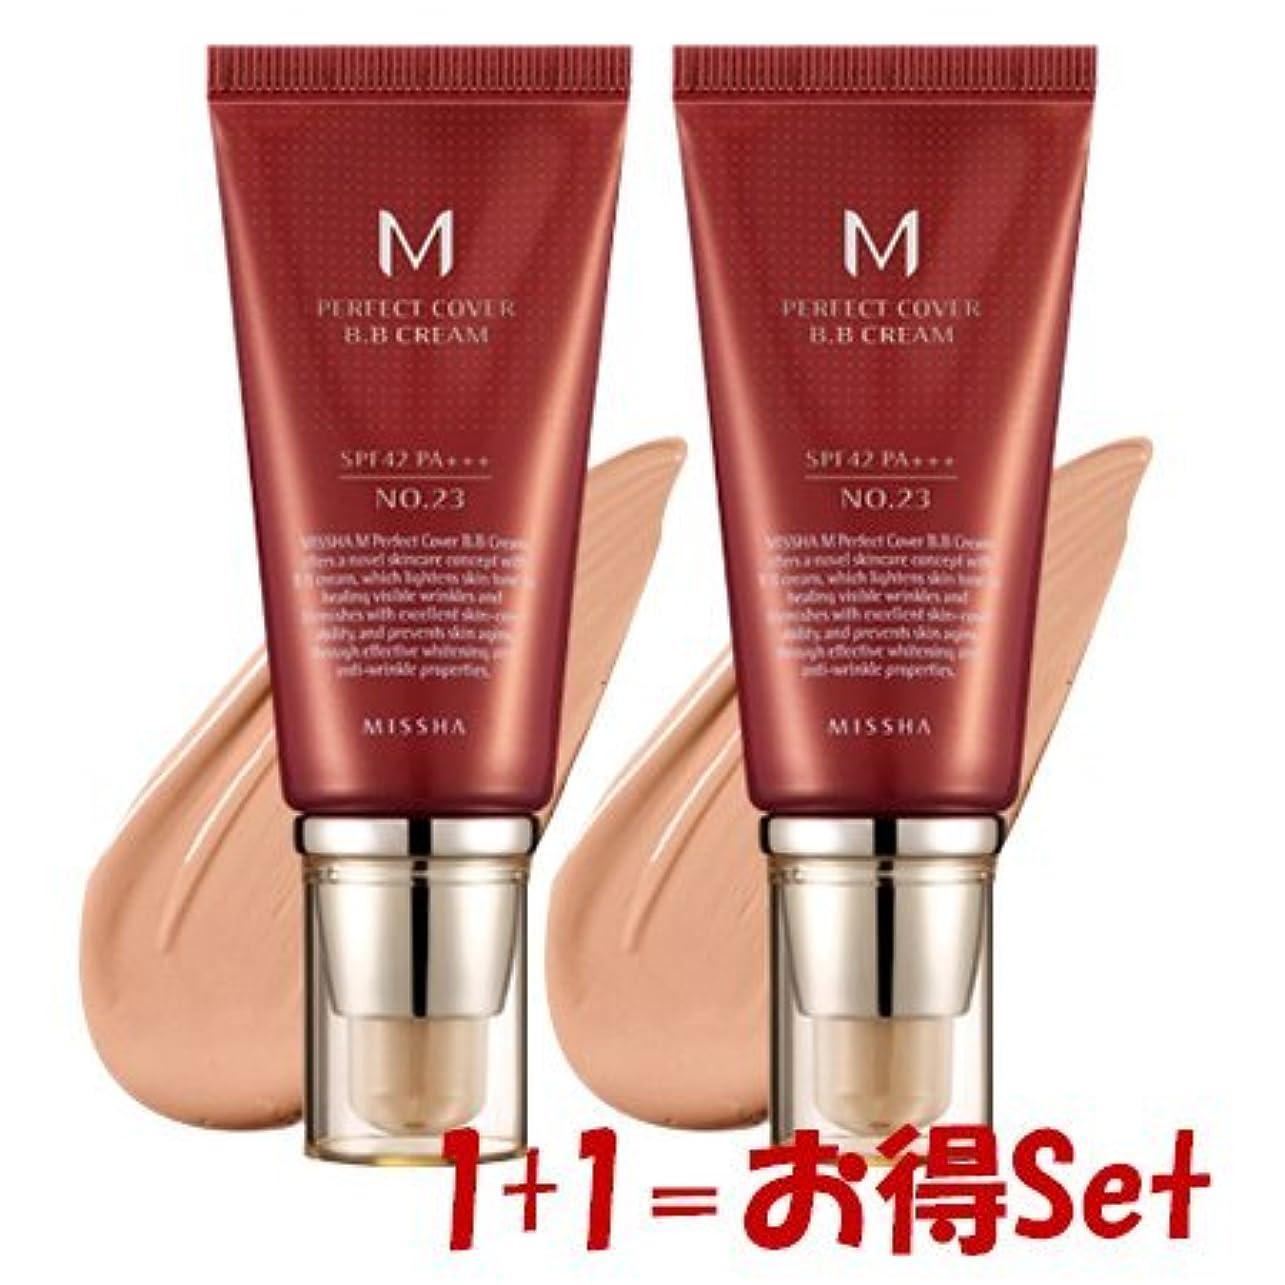 テンション泥沼容疑者MISSHA(ミシャ) M Perfect Cover パーフェクトカバーBBクリーム 23号+23号(1+1=お得Set)